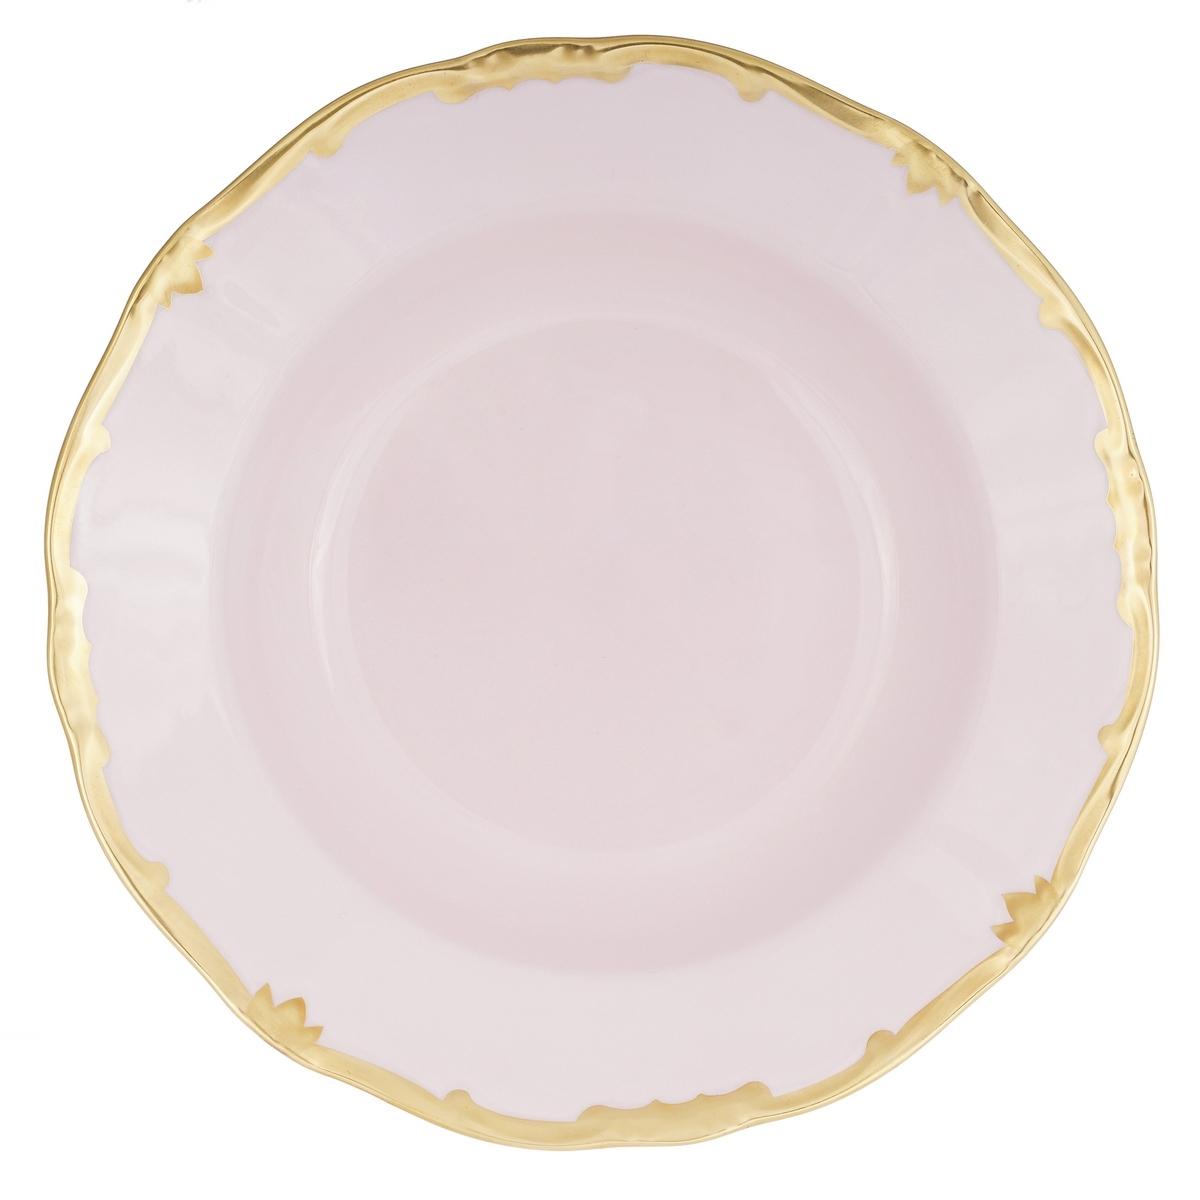 Набор глубоких тарелок 22 см ПРЕСТИЖ РОЗОВЫЙ от Weimar Porzellan, фарфор, 6 шт.